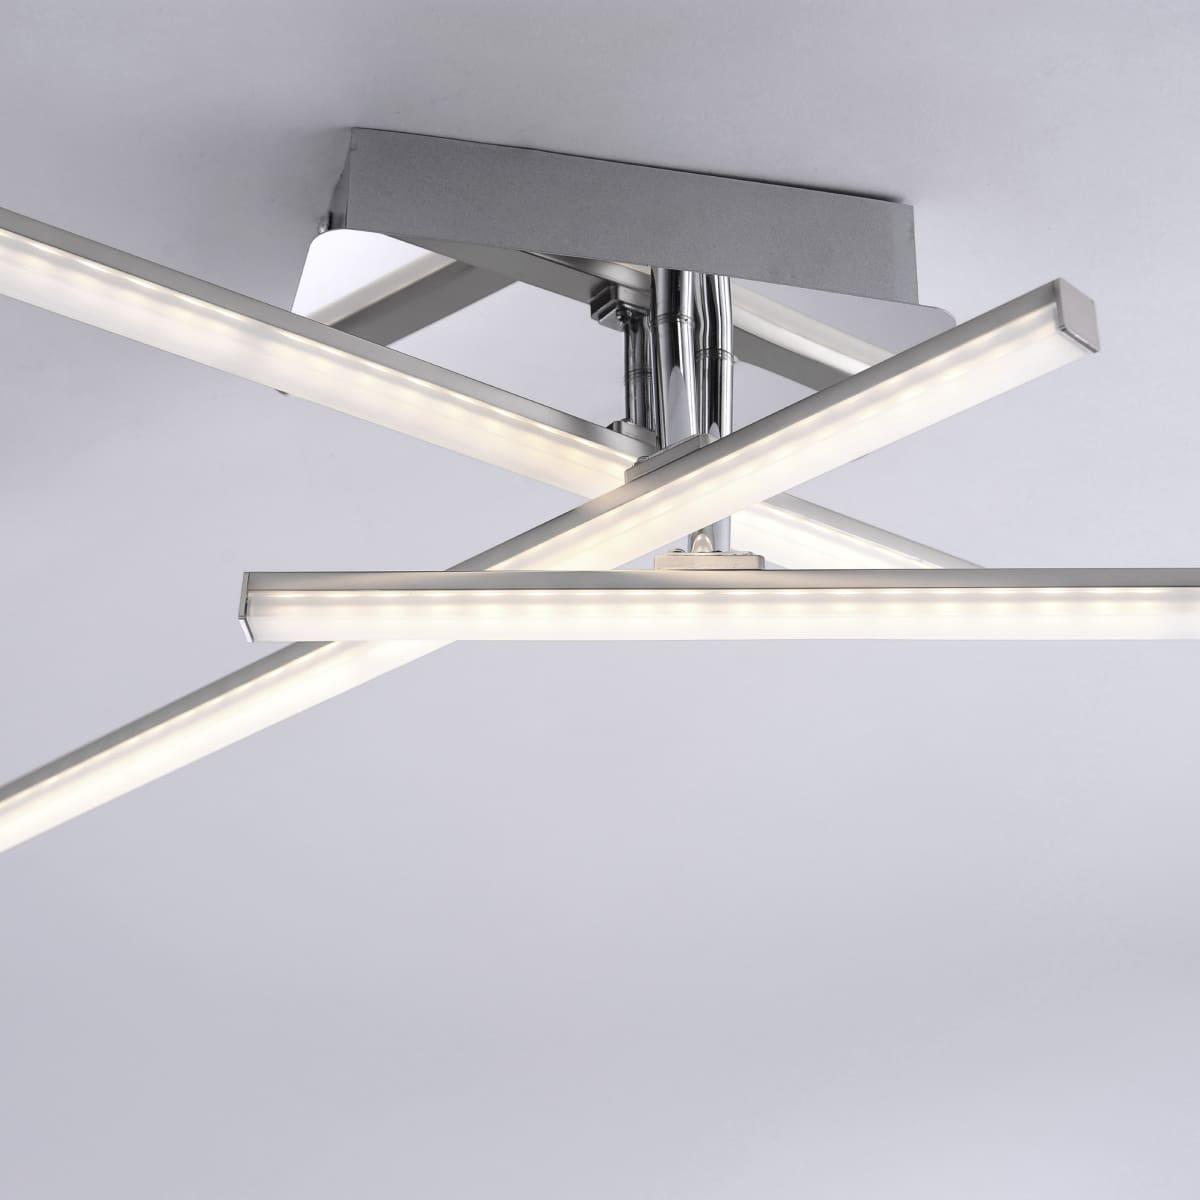 LED Deckenleuchte, 3-flammig, drehbar, stahl